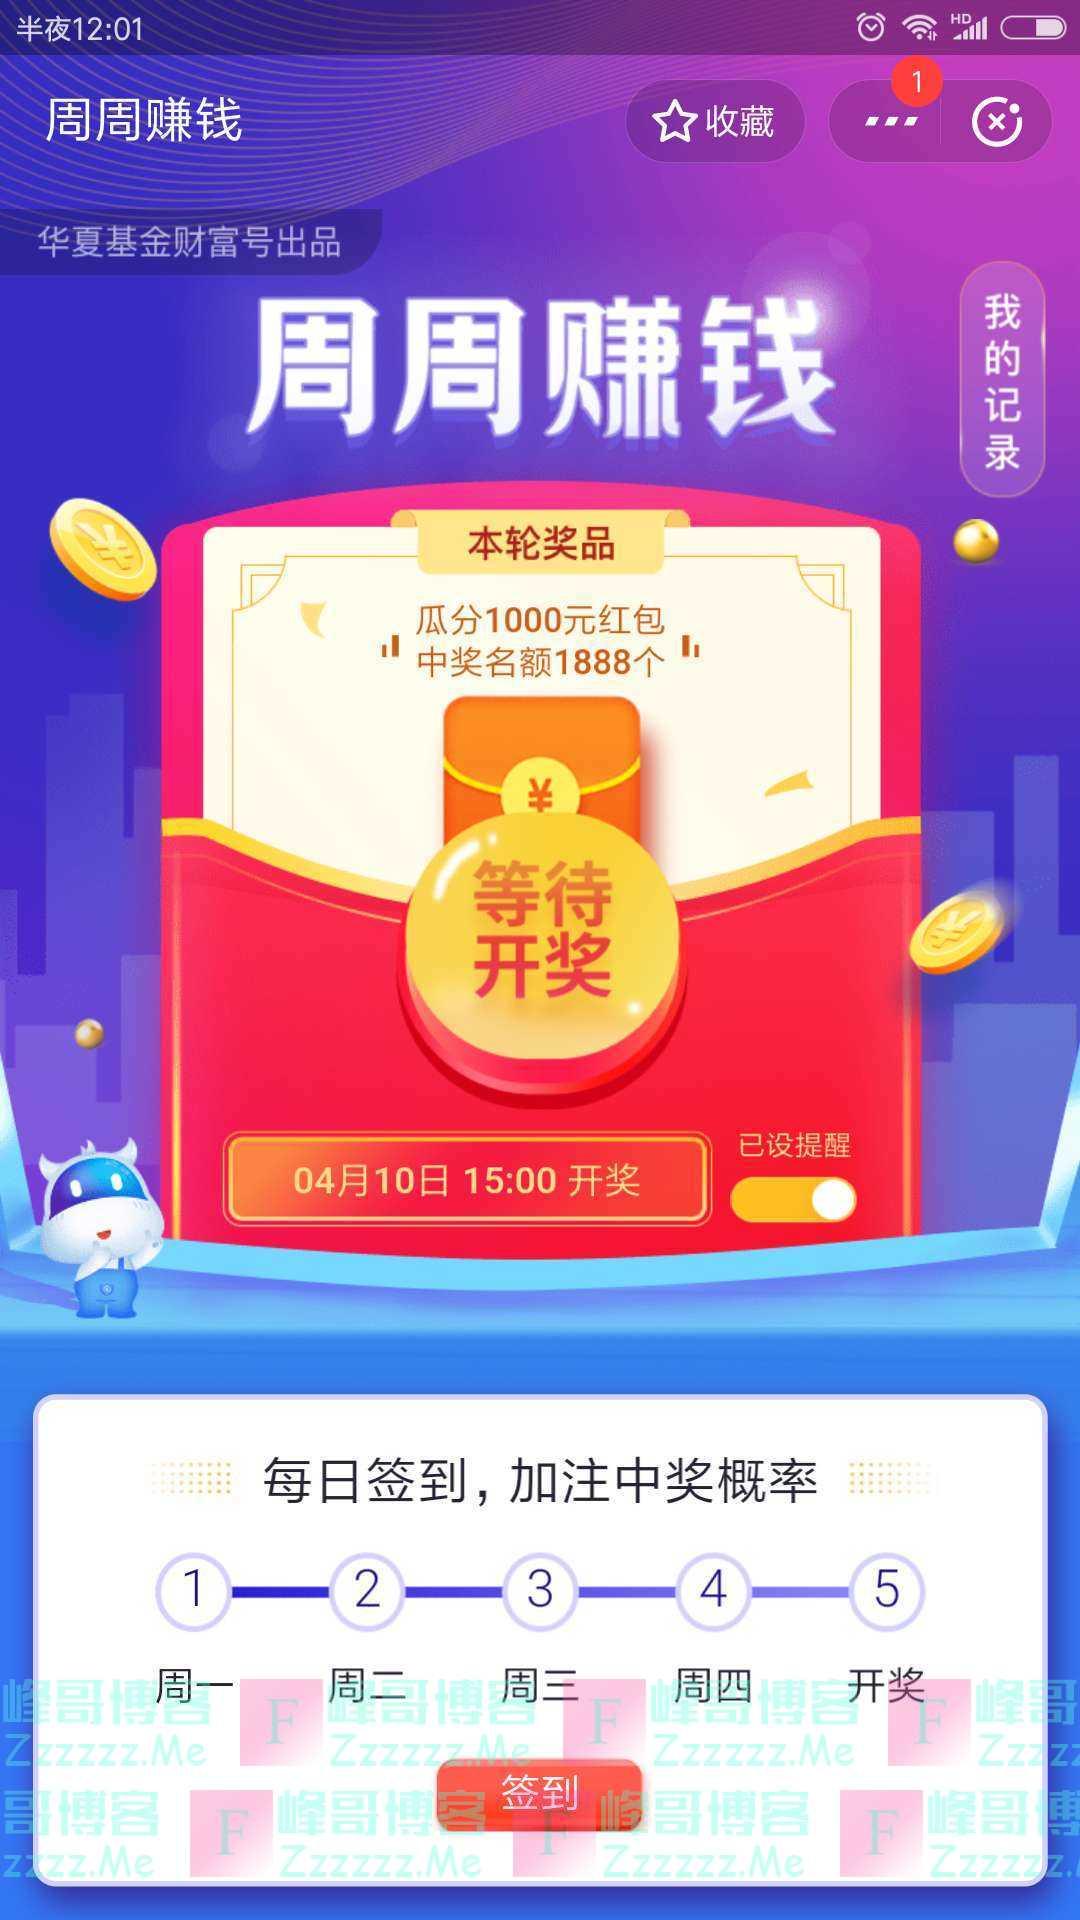 华夏基金新一期周周赚钱瓜分千元红包(截止4月10日)